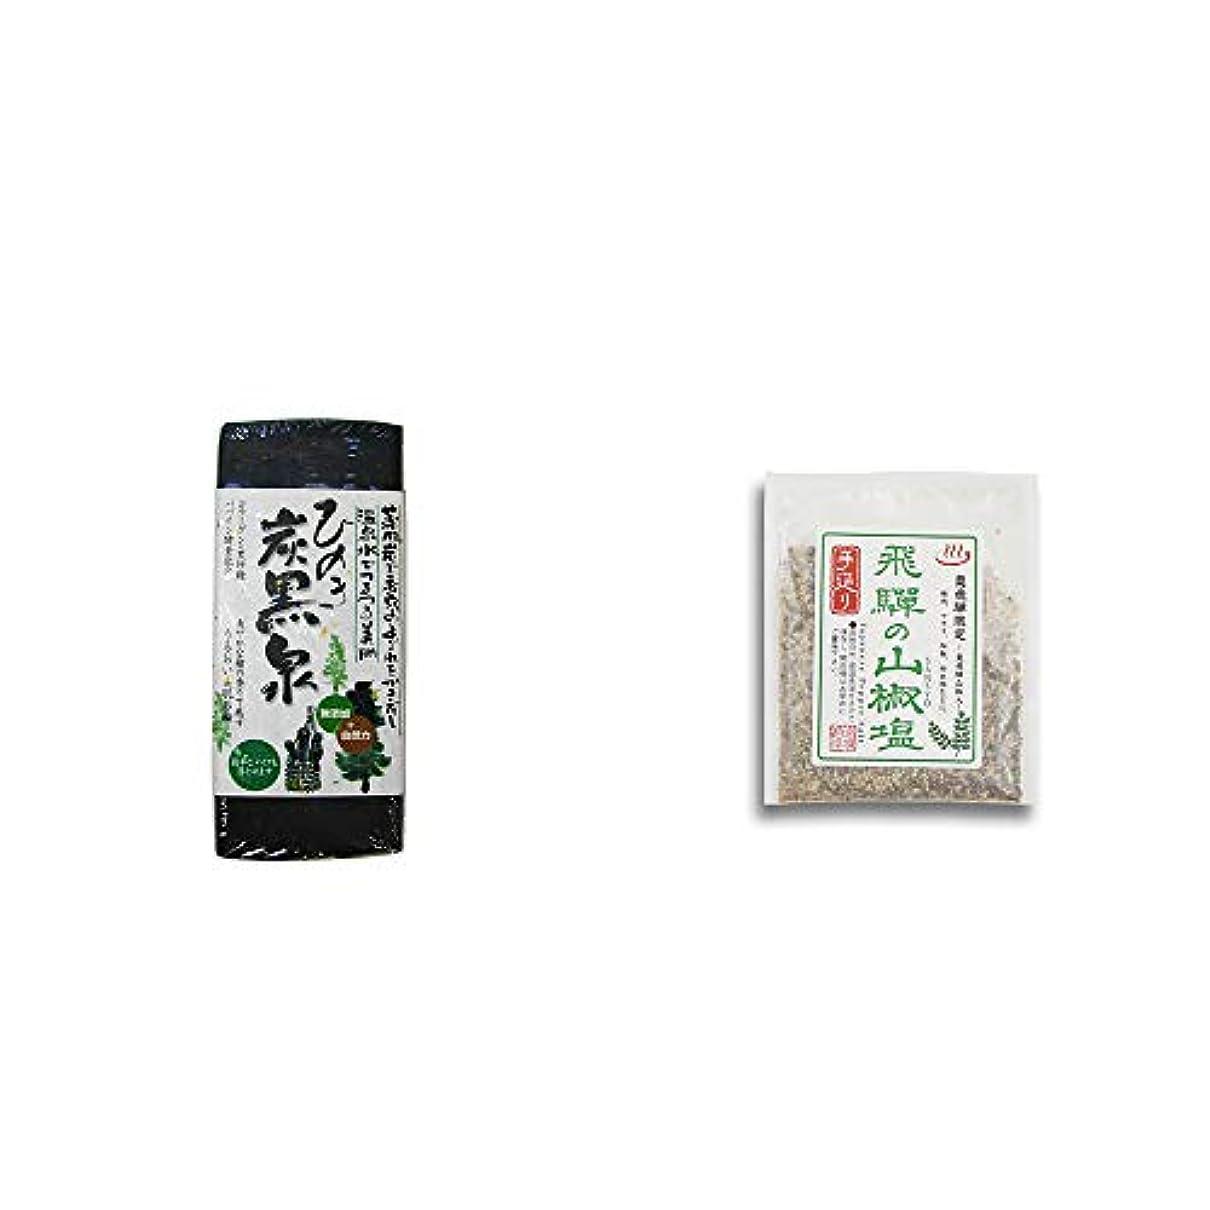 洗剤ガラガラ最大限[2点セット] ひのき炭黒泉(75g×2)?手造り 飛騨の山椒塩(40g)